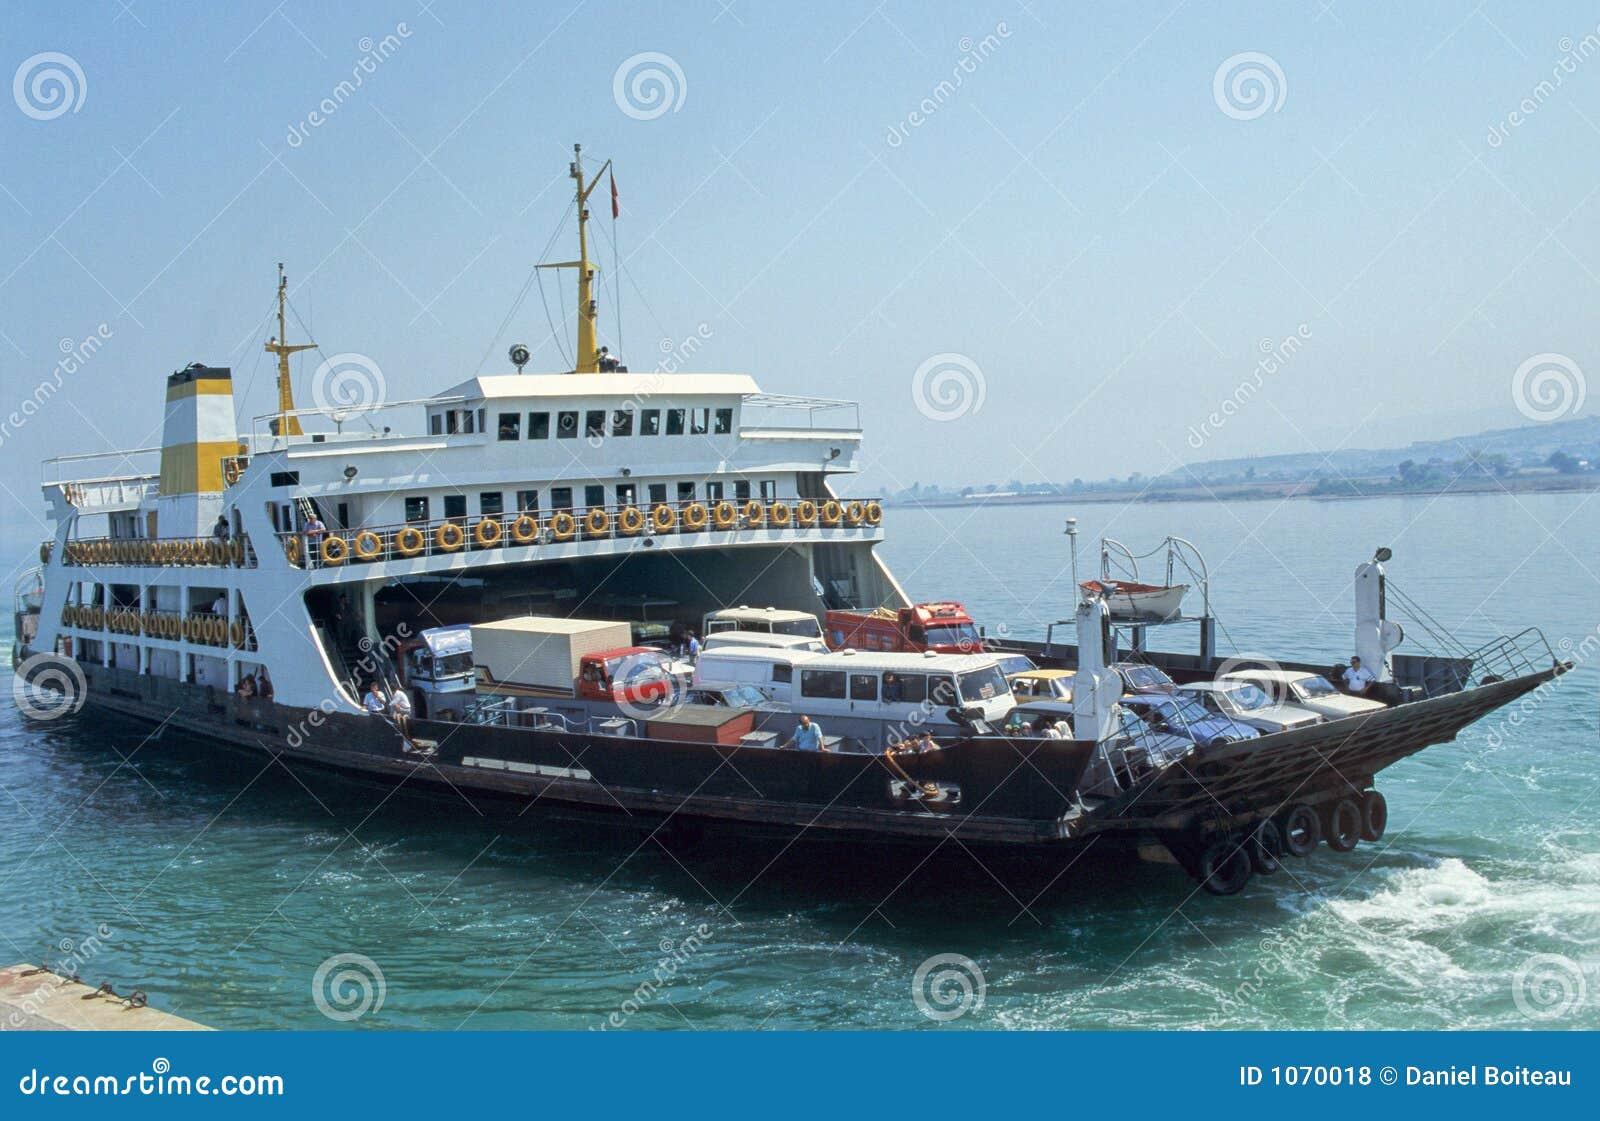 Ferryboat Royalty Free Stock Photos Image 1070018